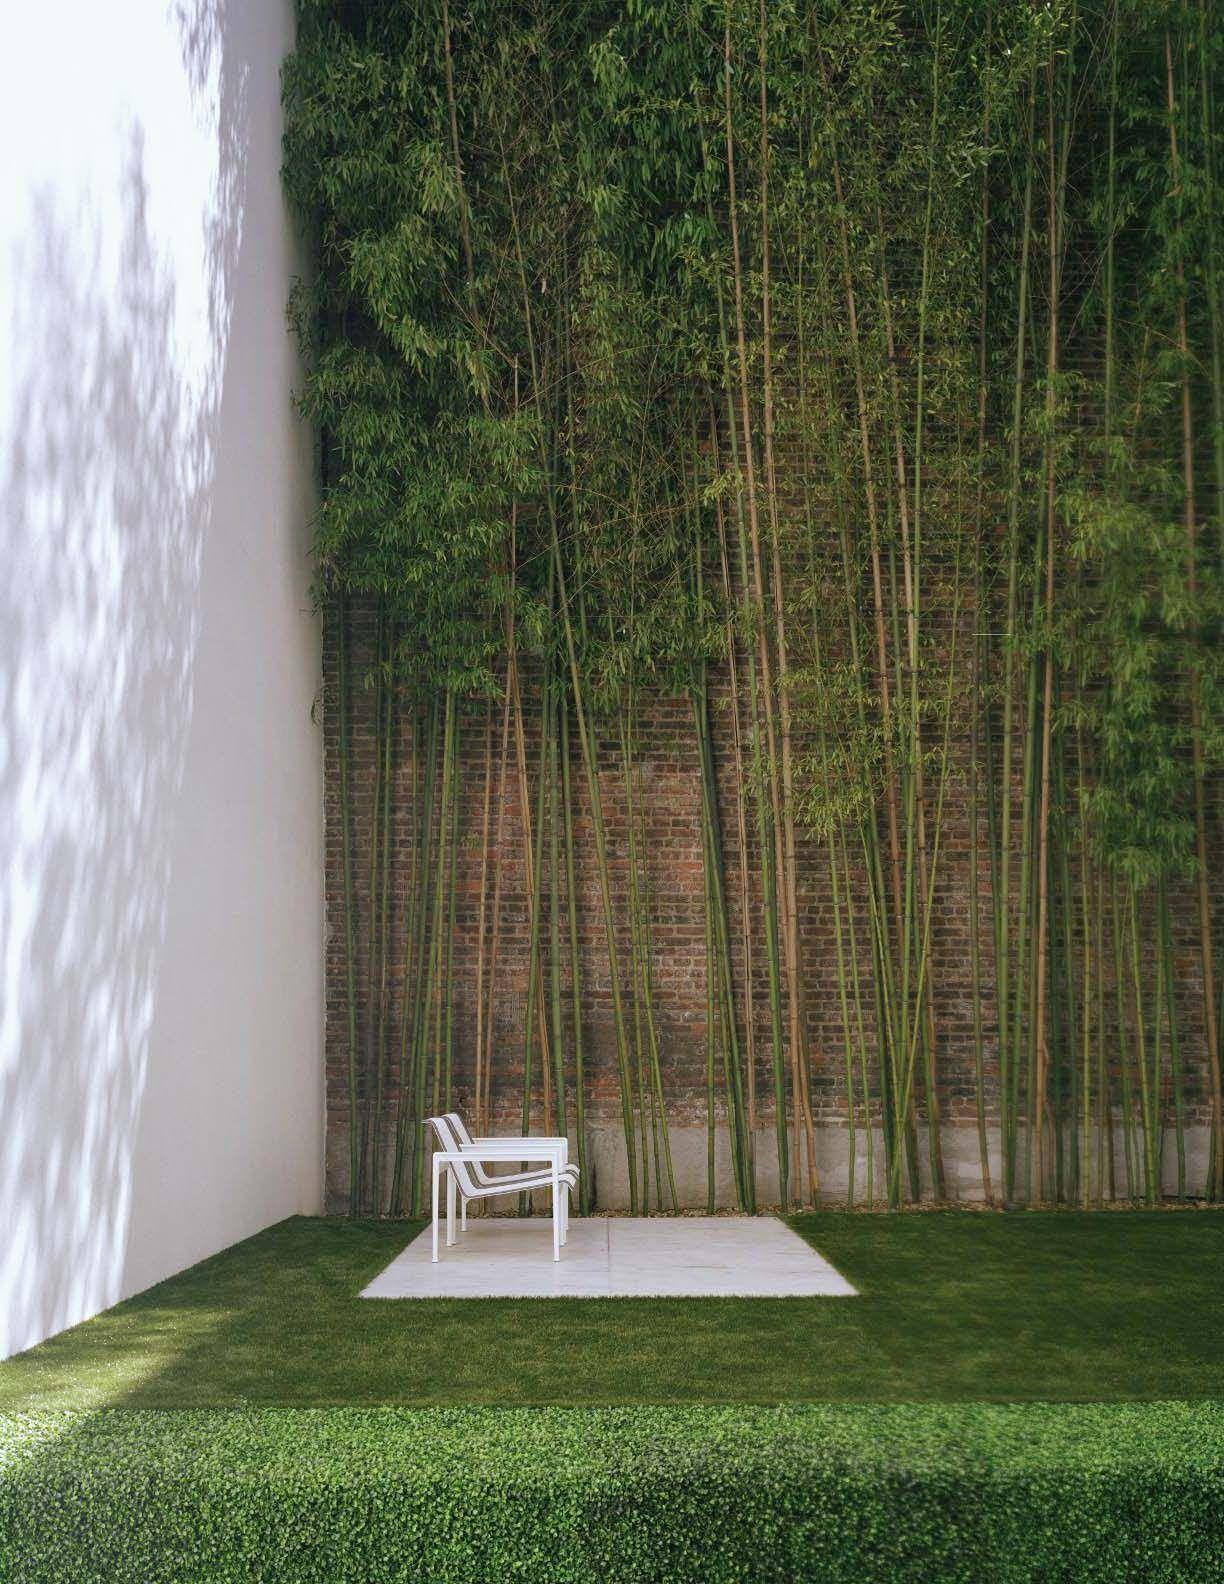 All Gardenista Garden Design Inspiration Stories in One Place ...